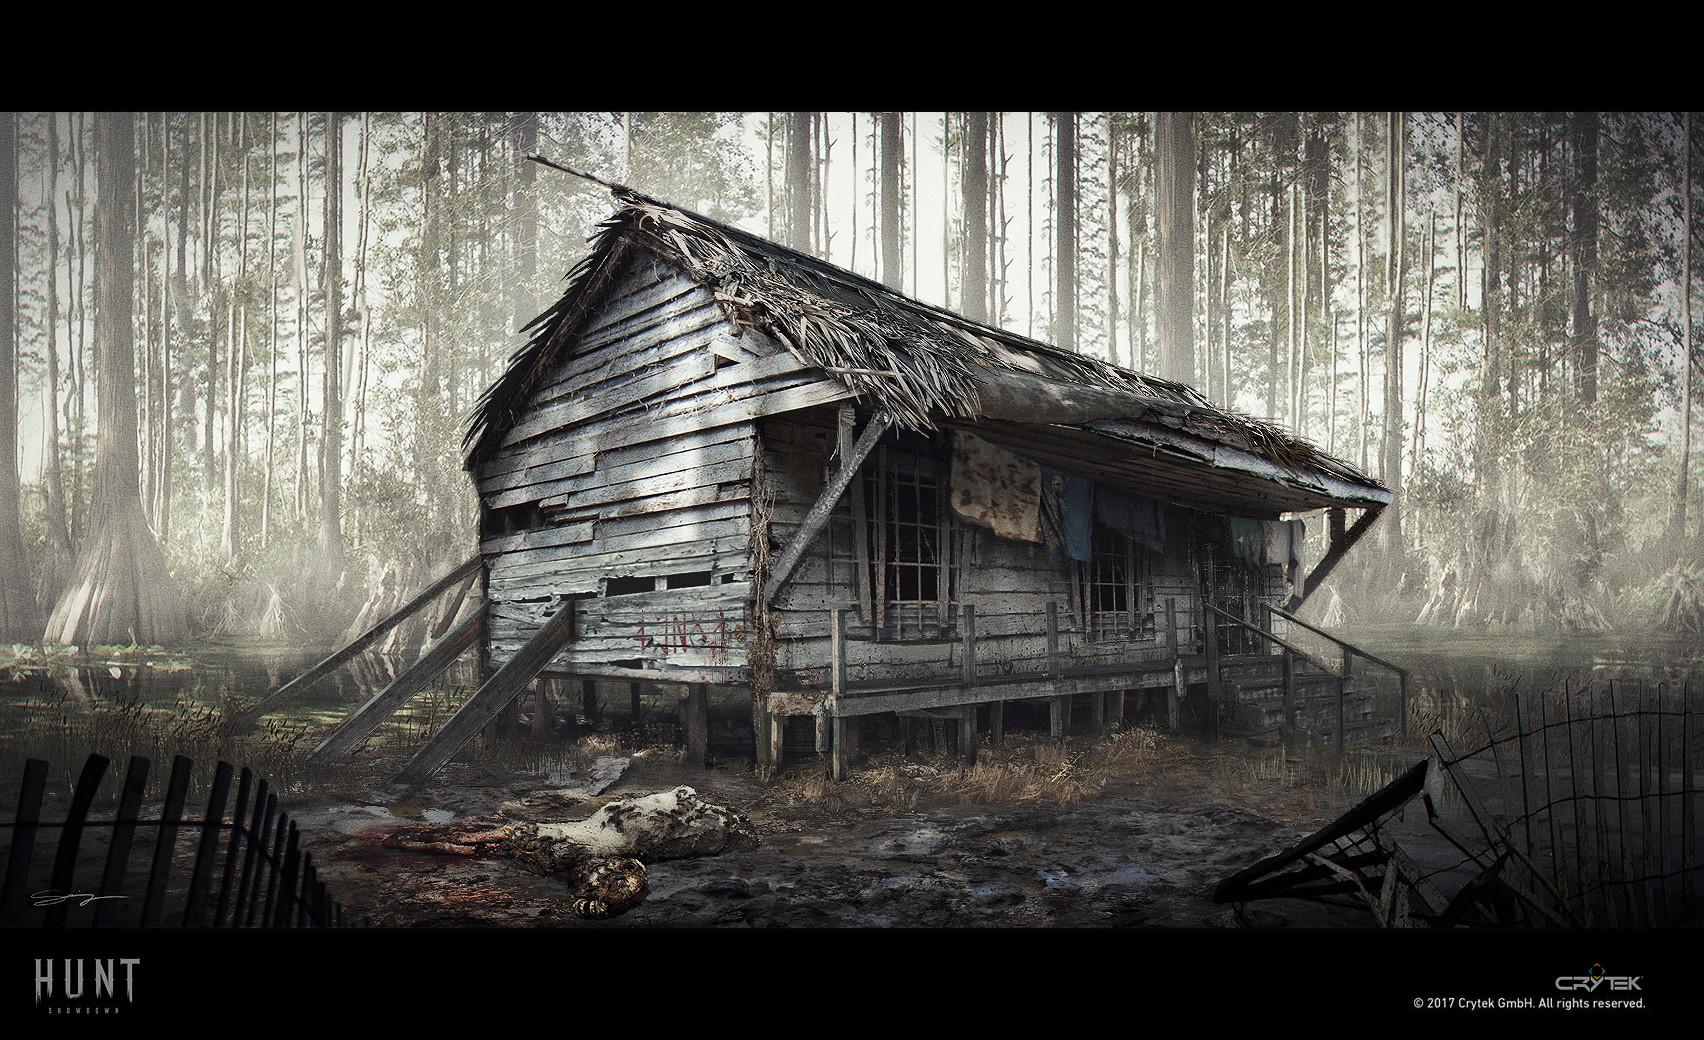 Lars sowig hut concept